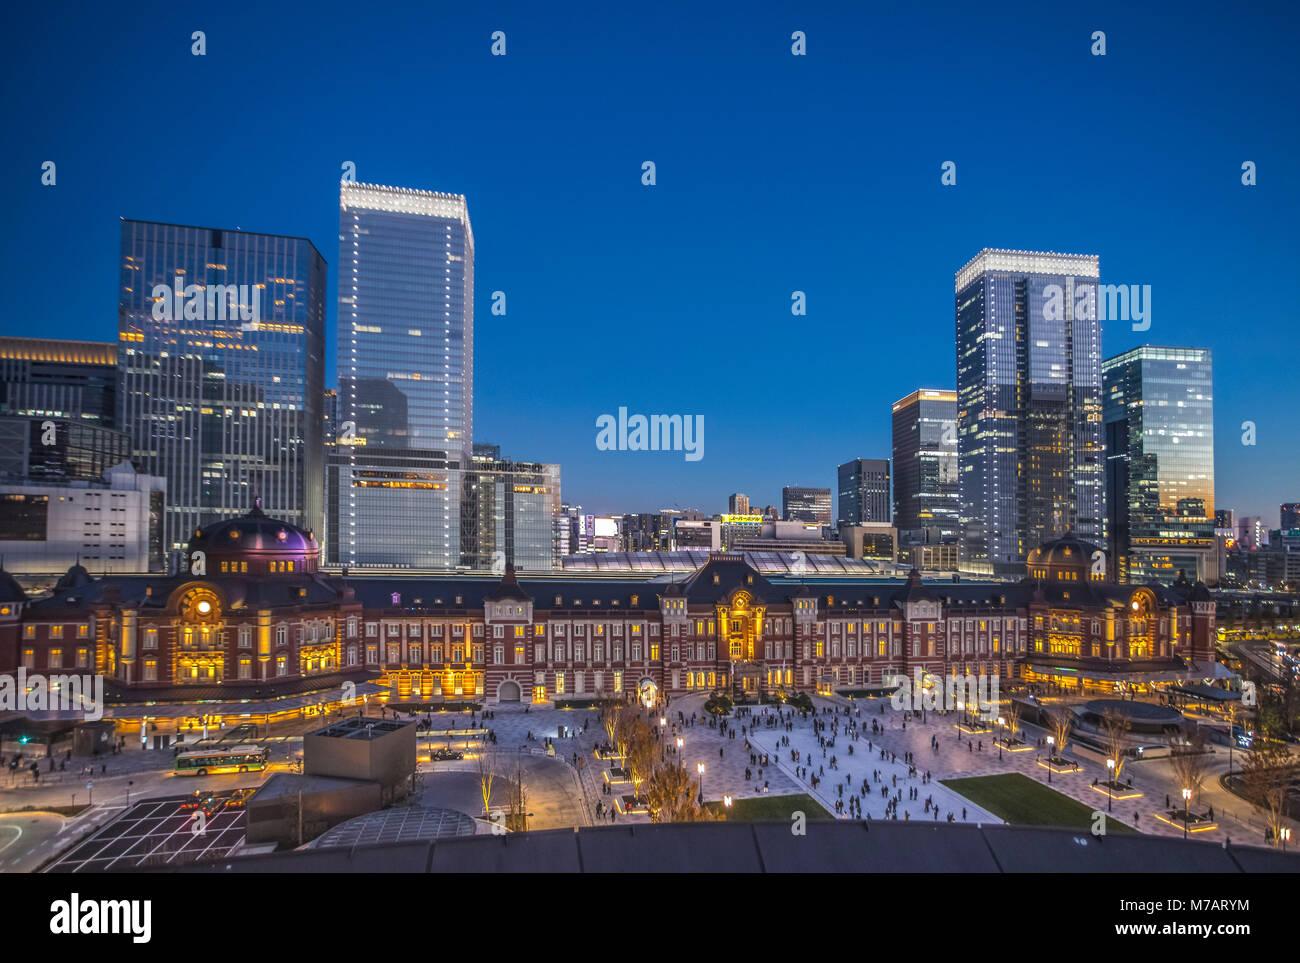 Japón, Tokio, ciudad del distrito de Marunouchi, el lado oeste de la estación de Tokio Imagen De Stock